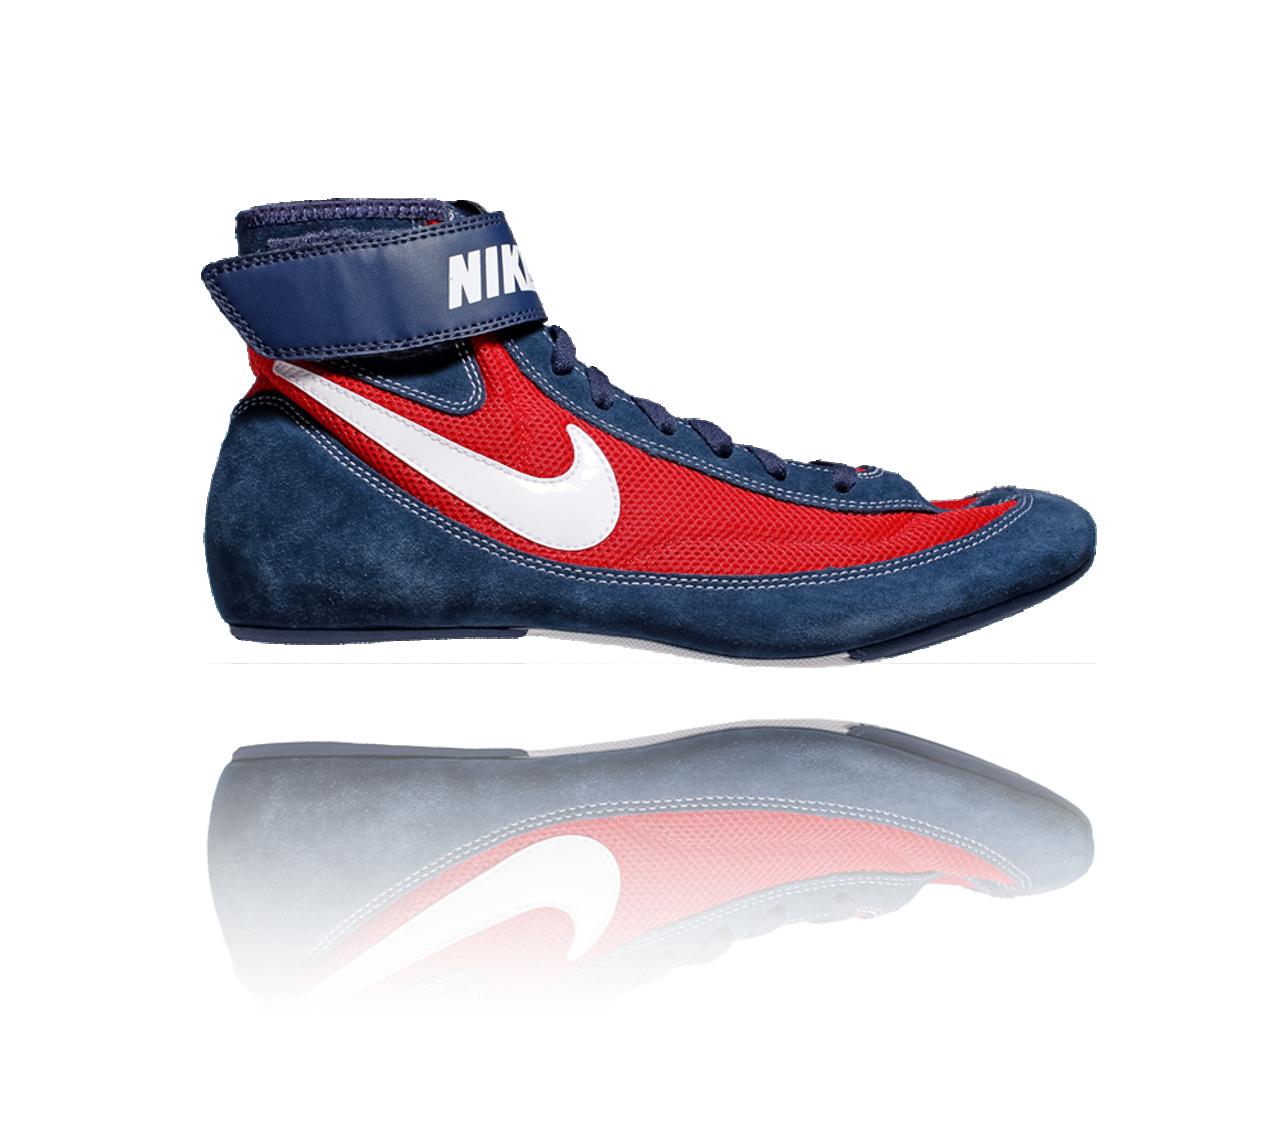 ba202bfaef680 Nike Youth Speedsweep VII - Navy / Red / White